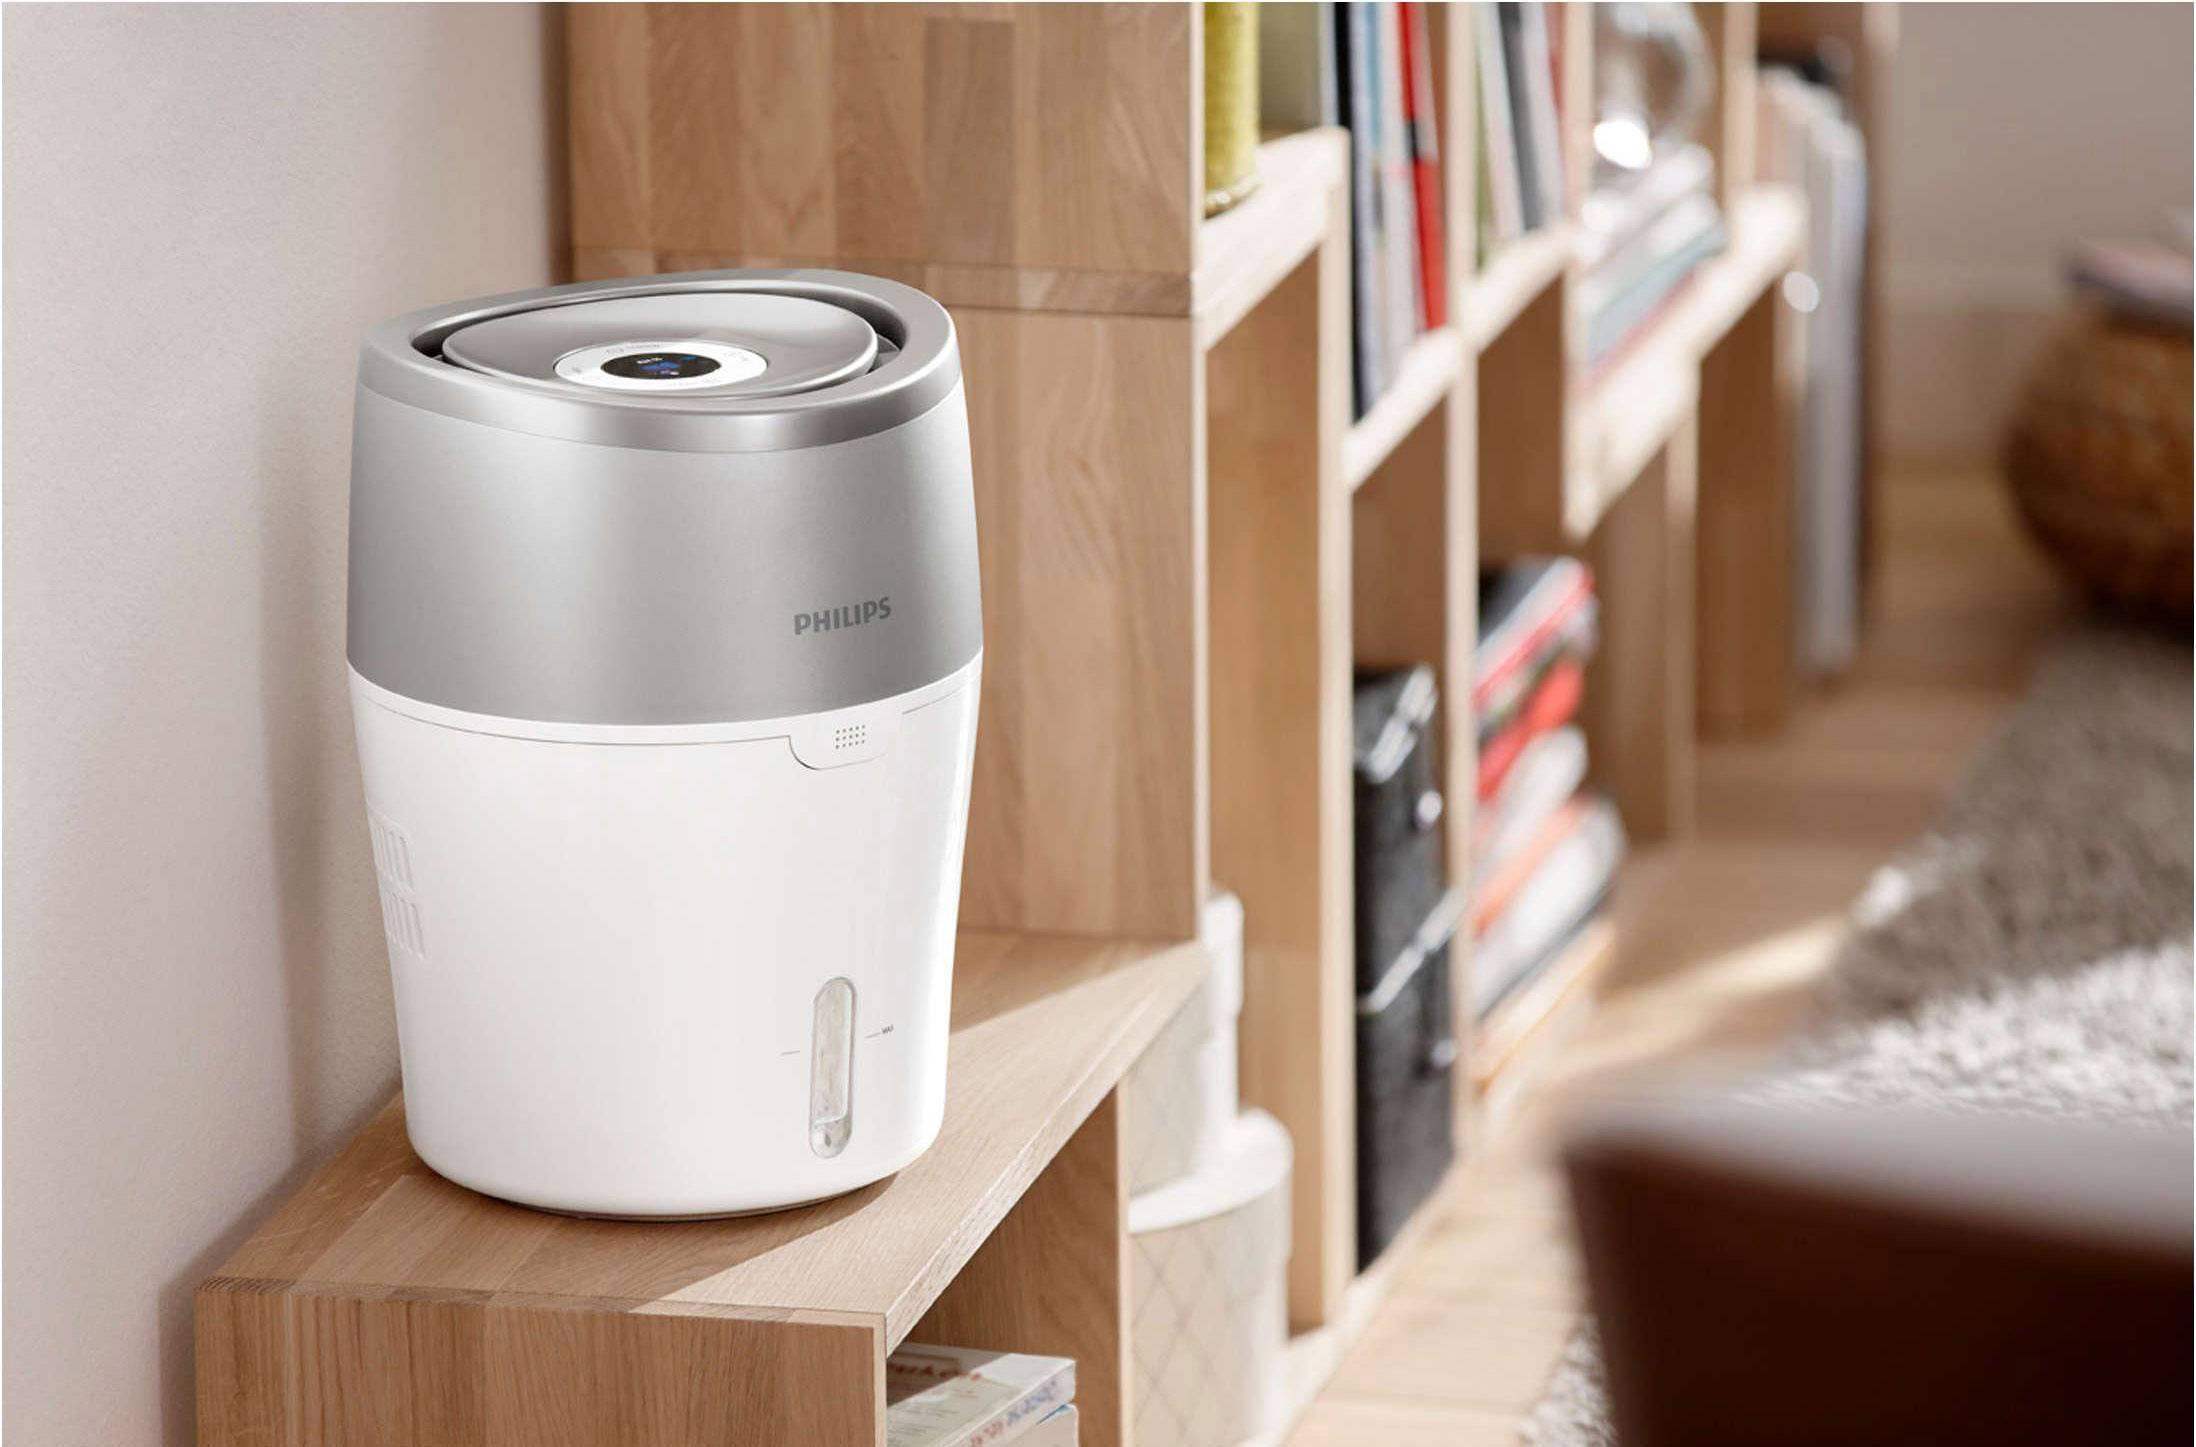 Philips Luftbefeuchter 25 M² HU4803/01 Weiß, Grau